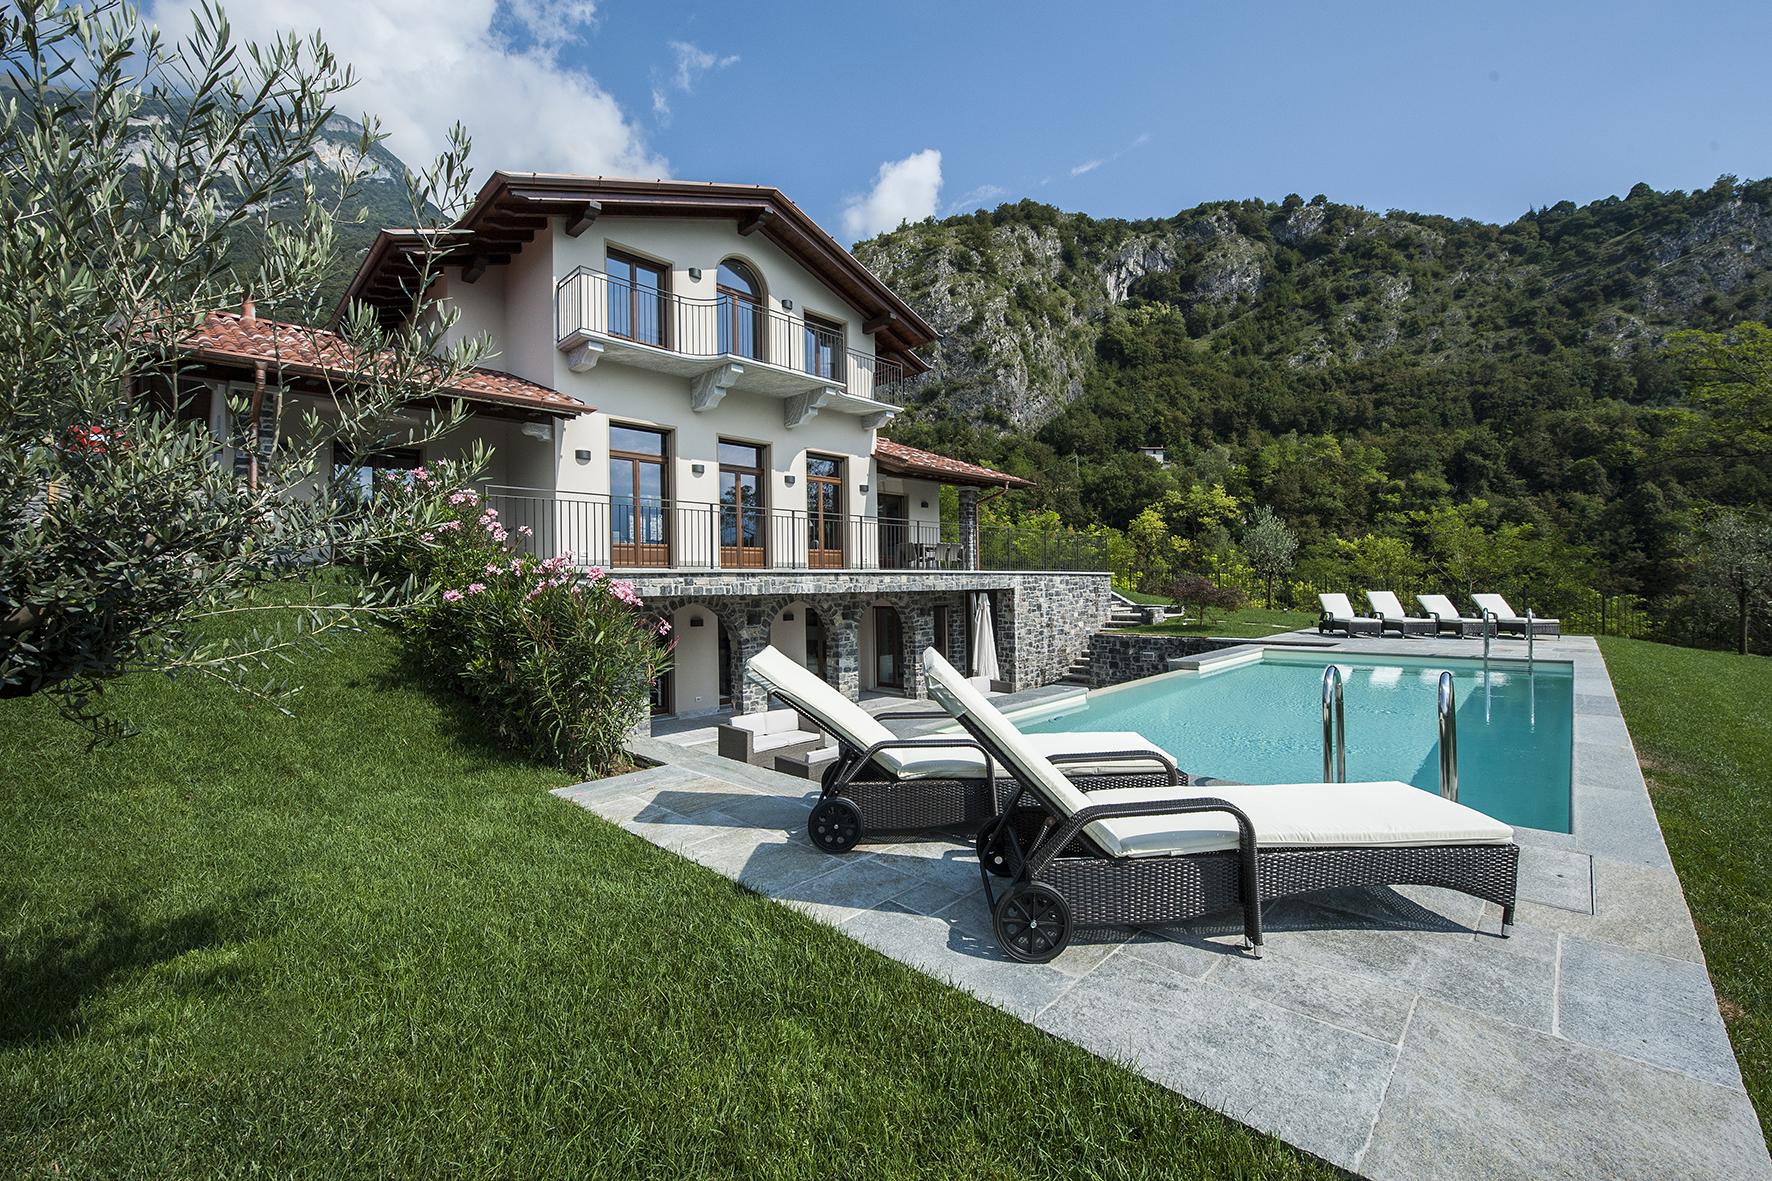 Tremezzo villa indipendente con piscina giardino e vista lago - Foto di ville con giardino ...